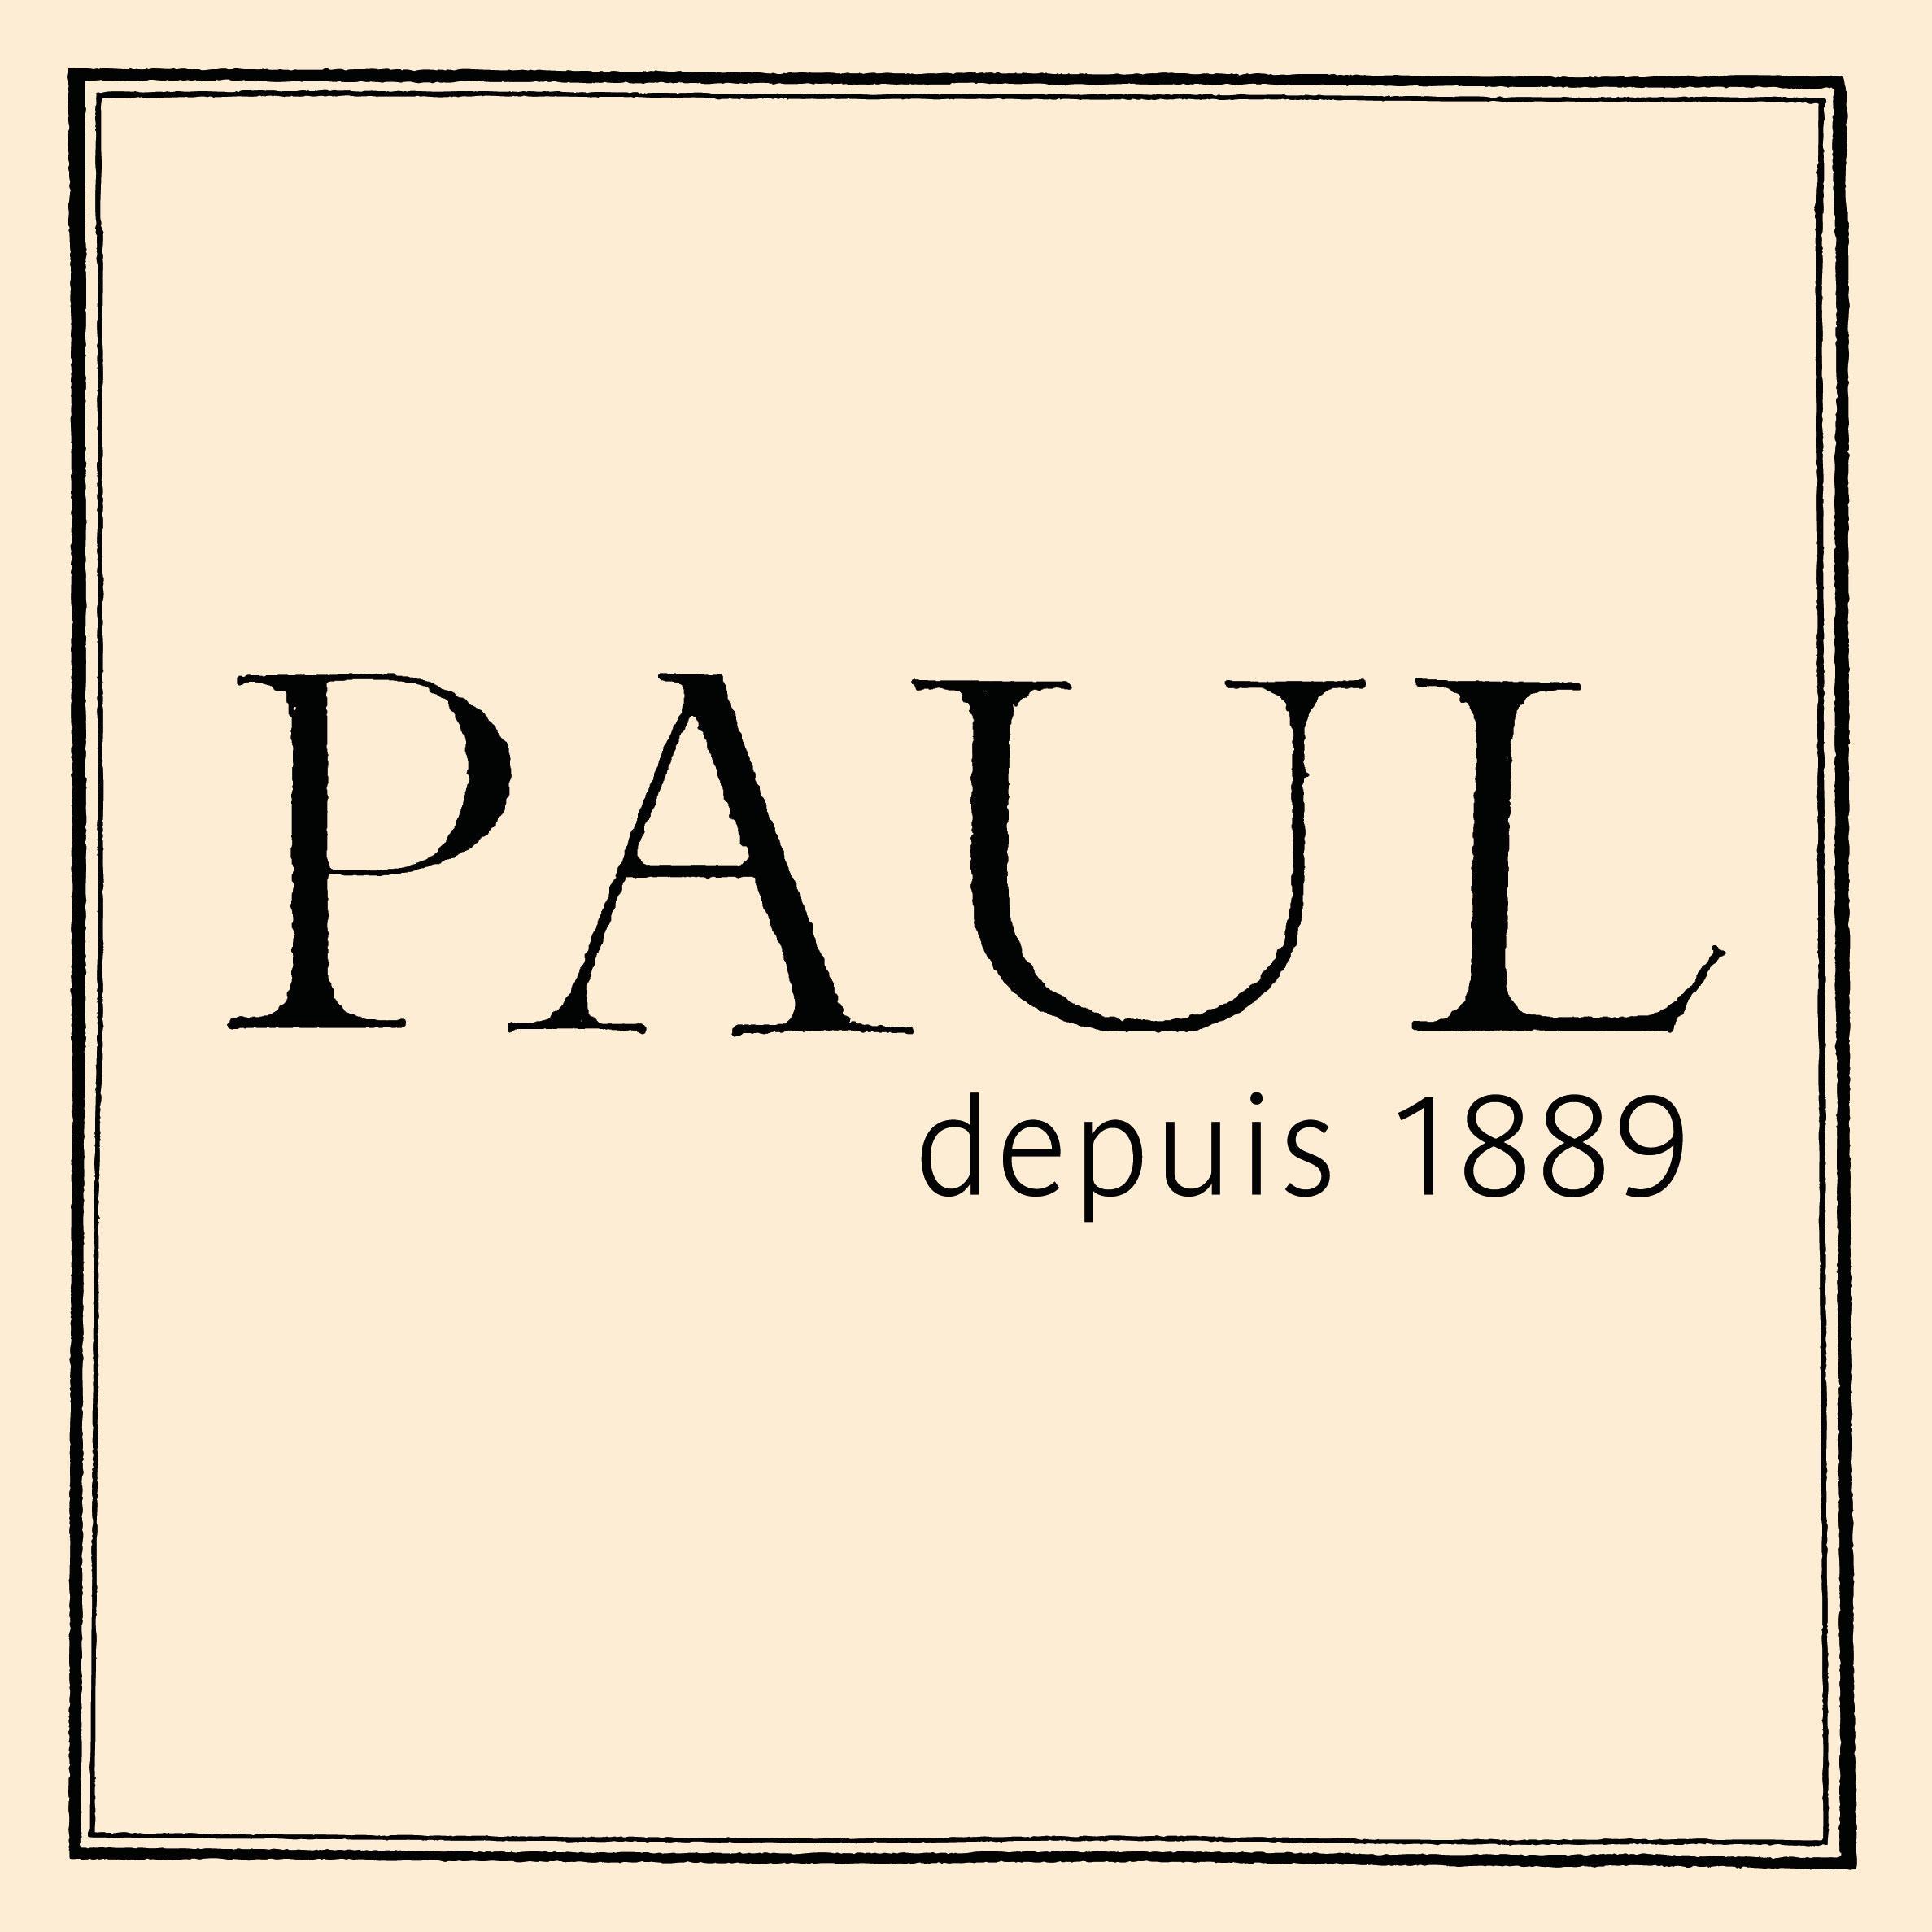 Locuri de munca PAUL